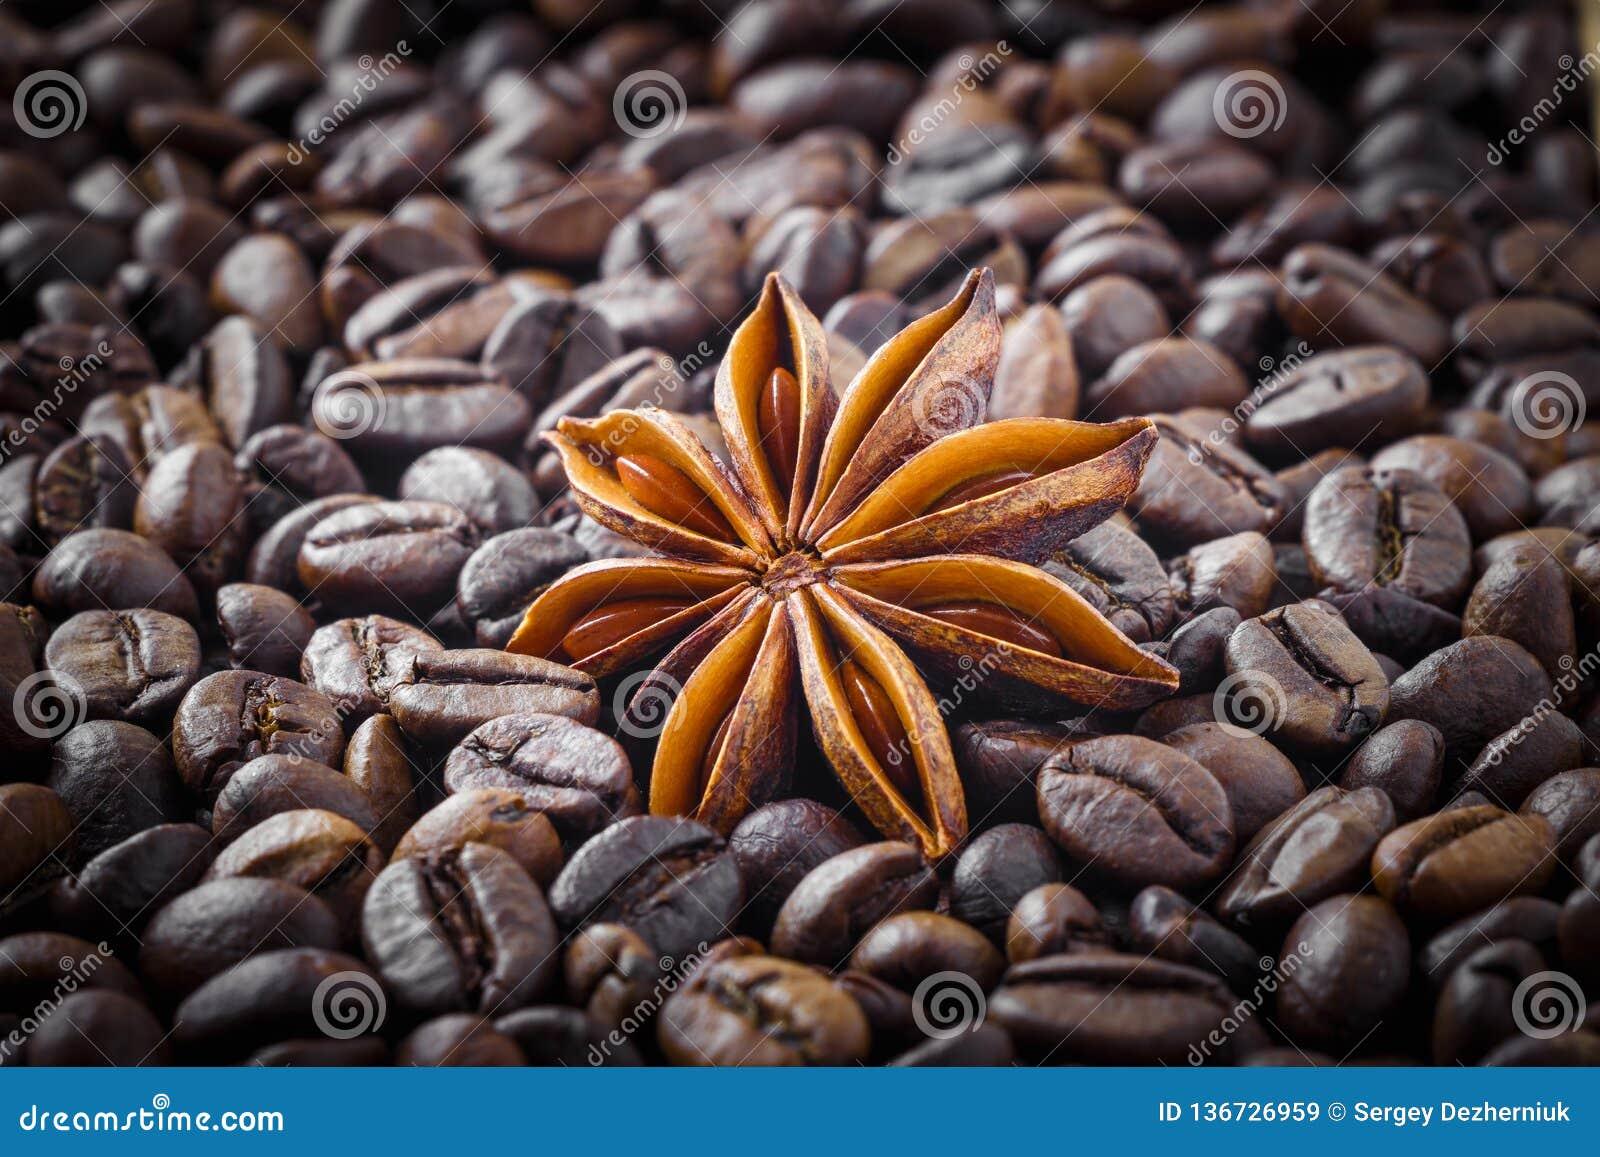 在咖啡豆背景的八角